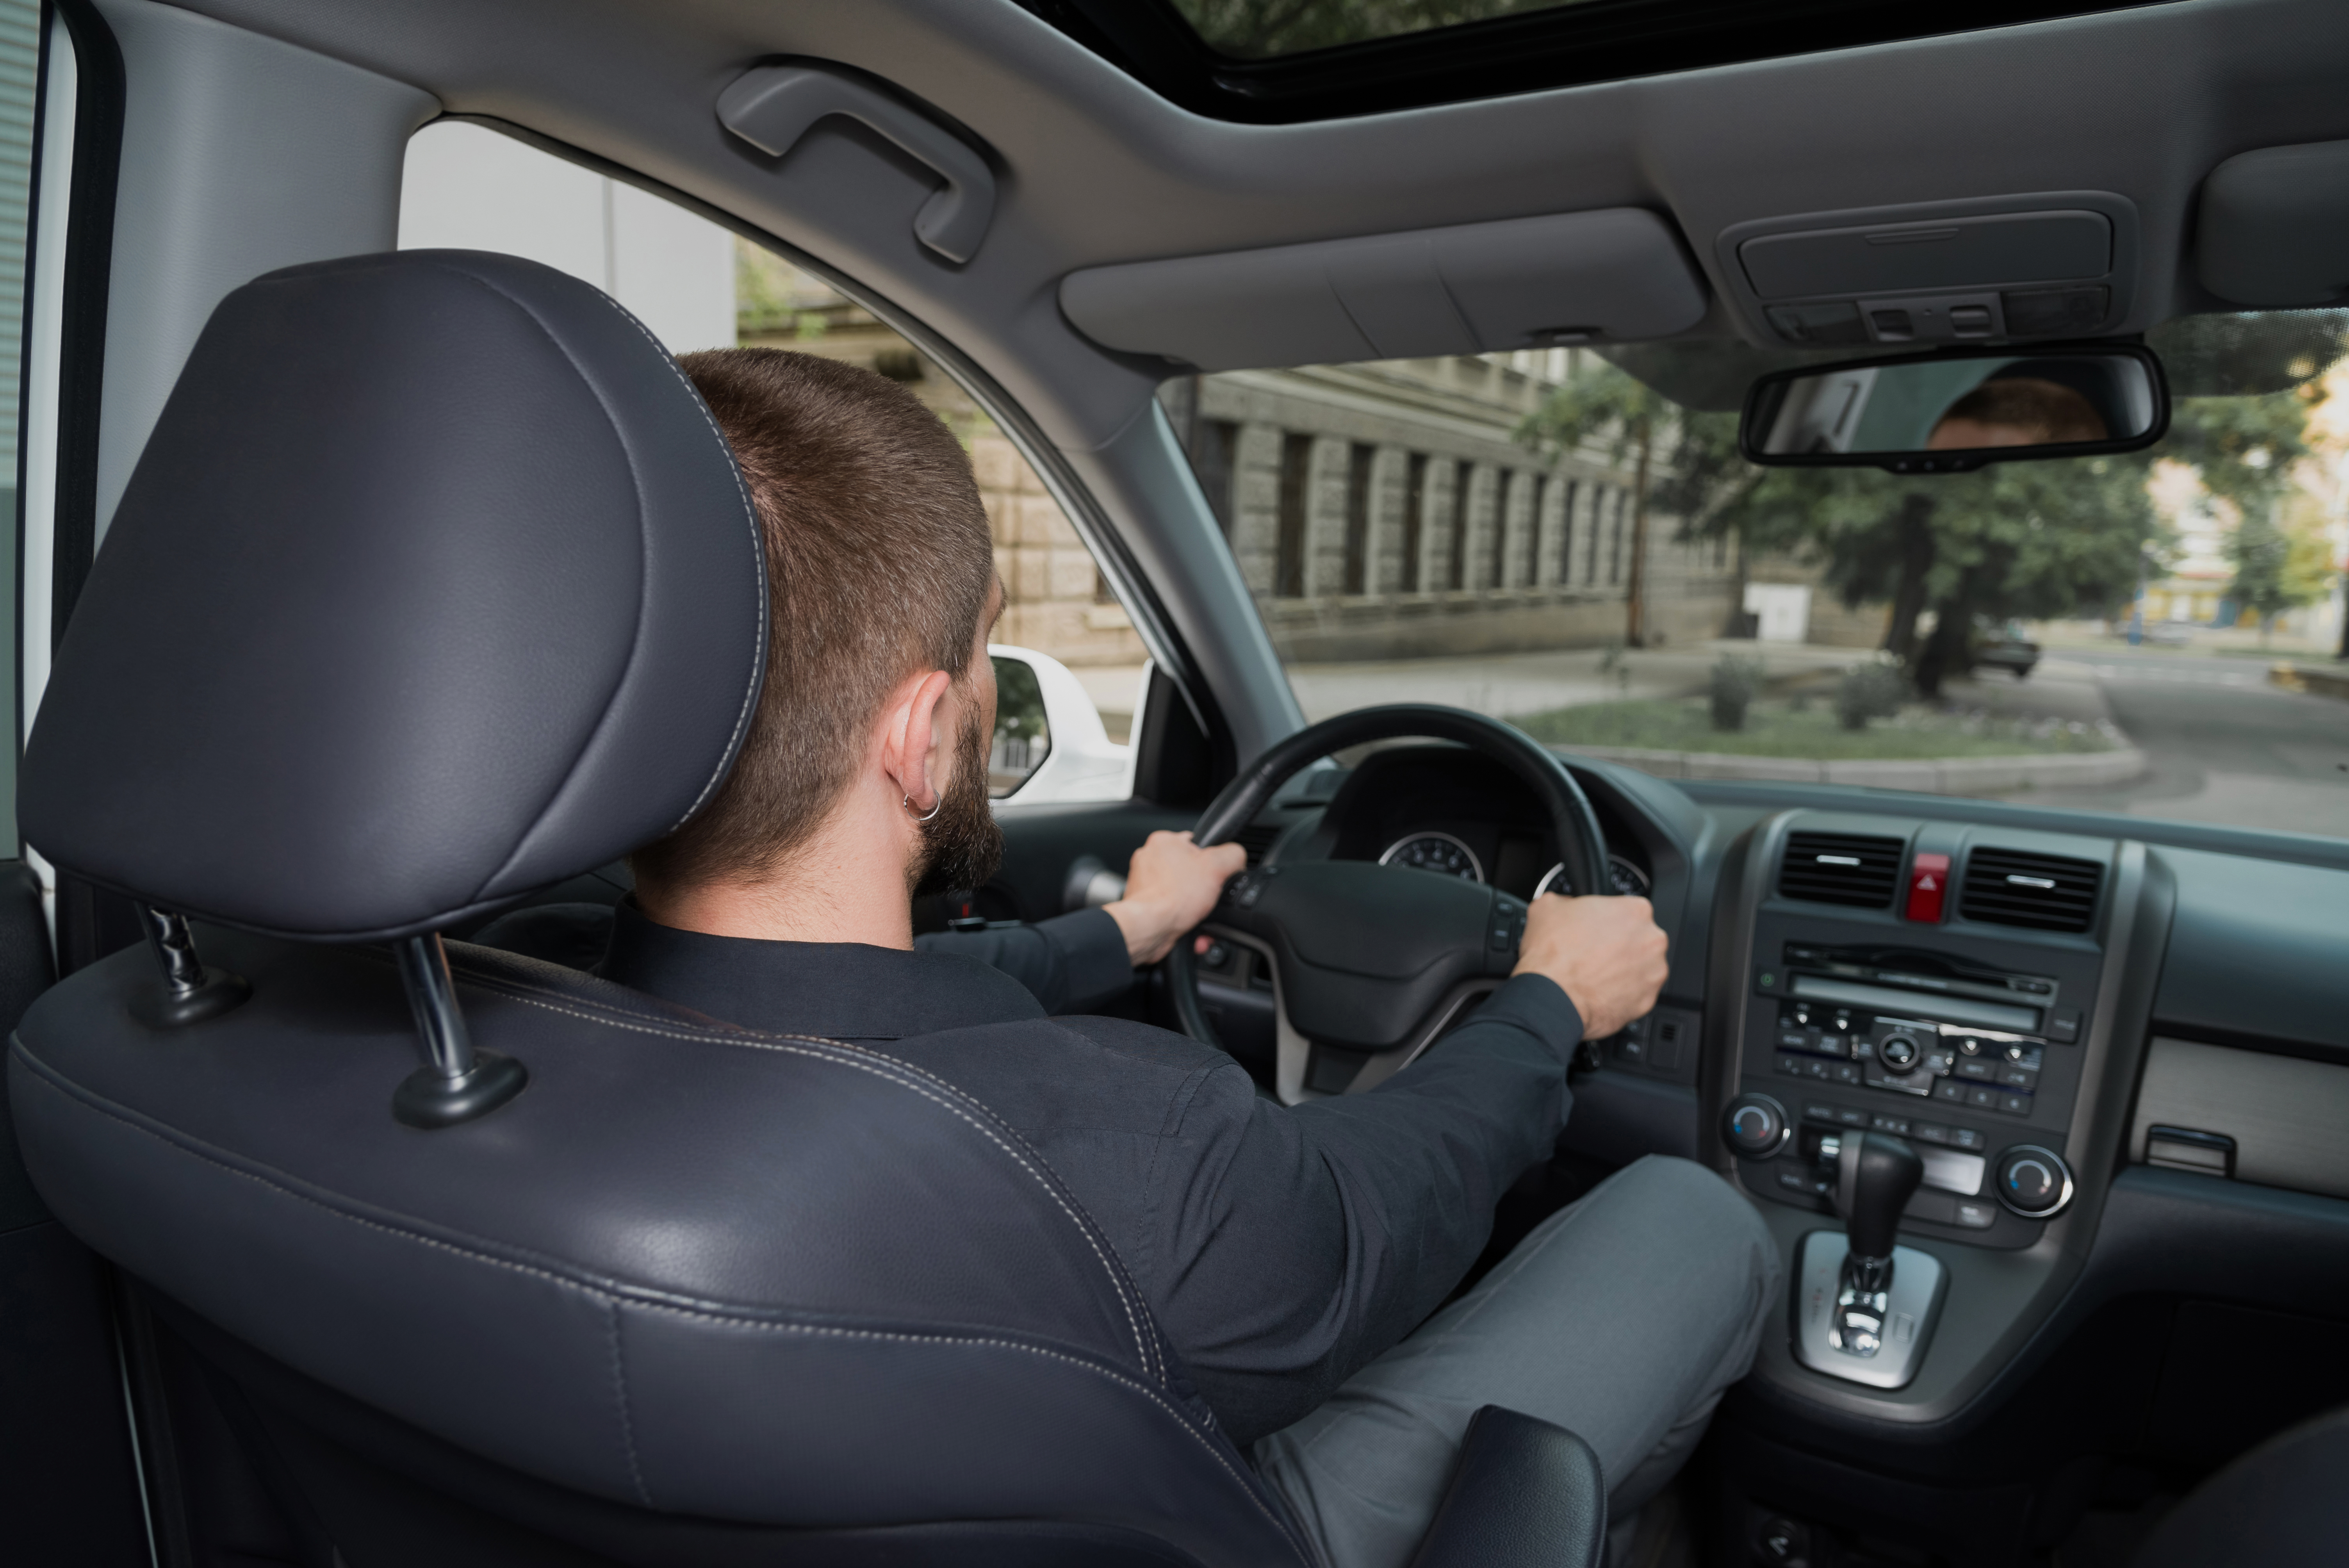 homem dirigindo carro foto